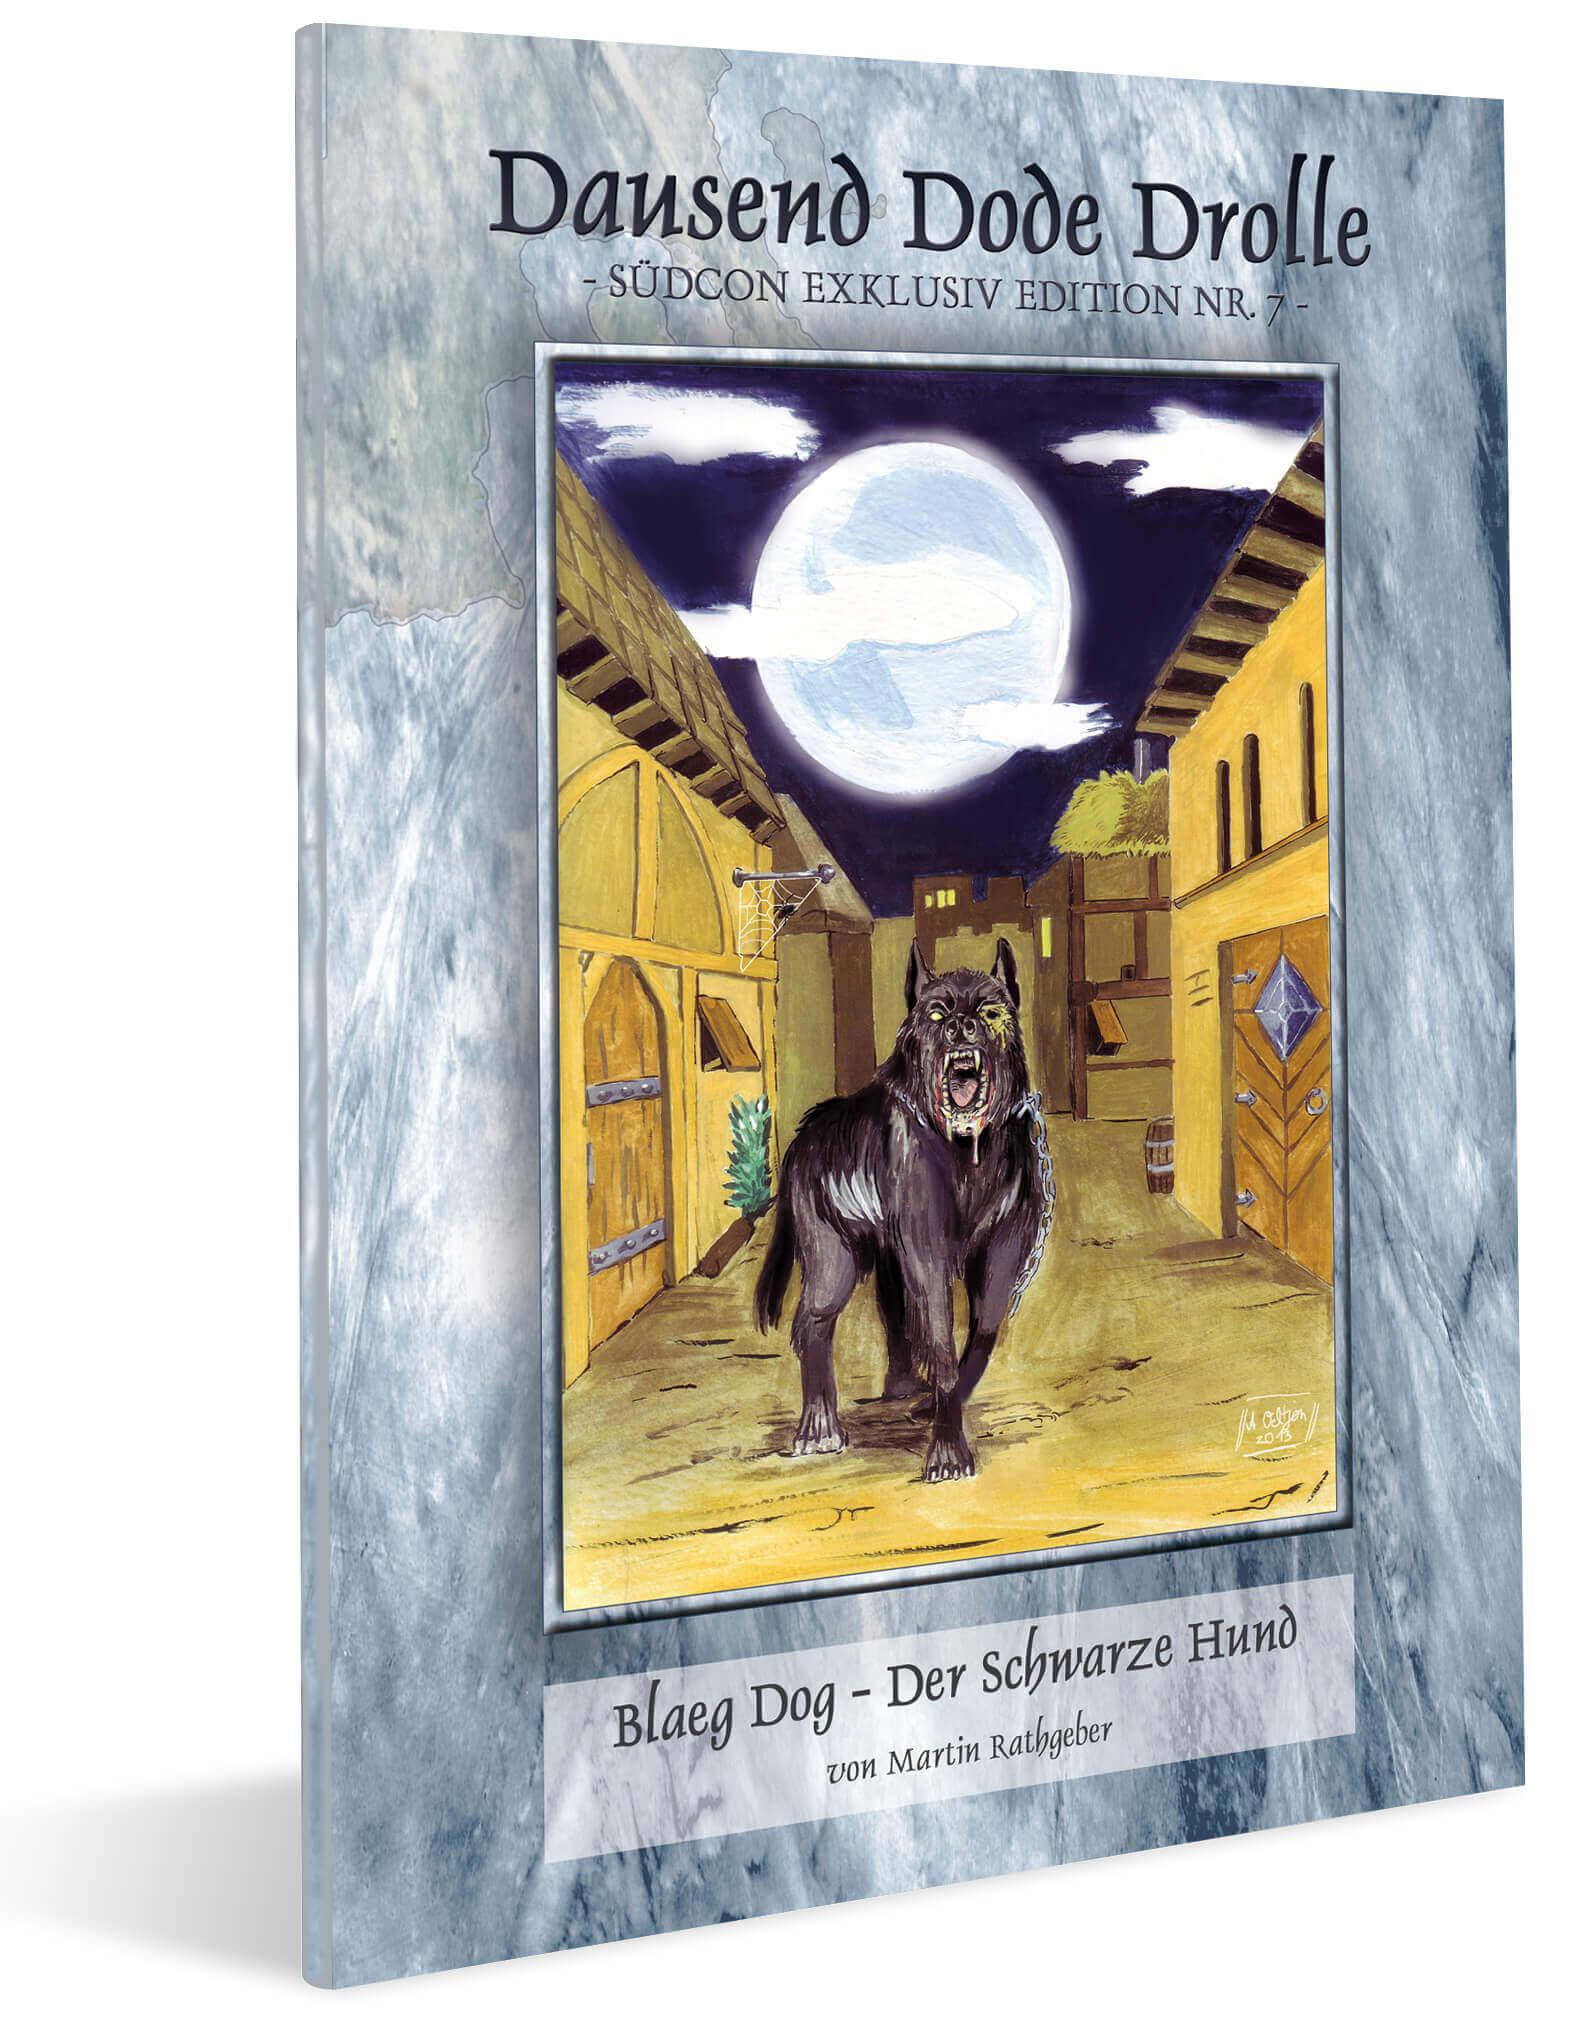 Cover Midgard Südcon Abenteuerband Blaeg Dog - Der Schwarze Hund